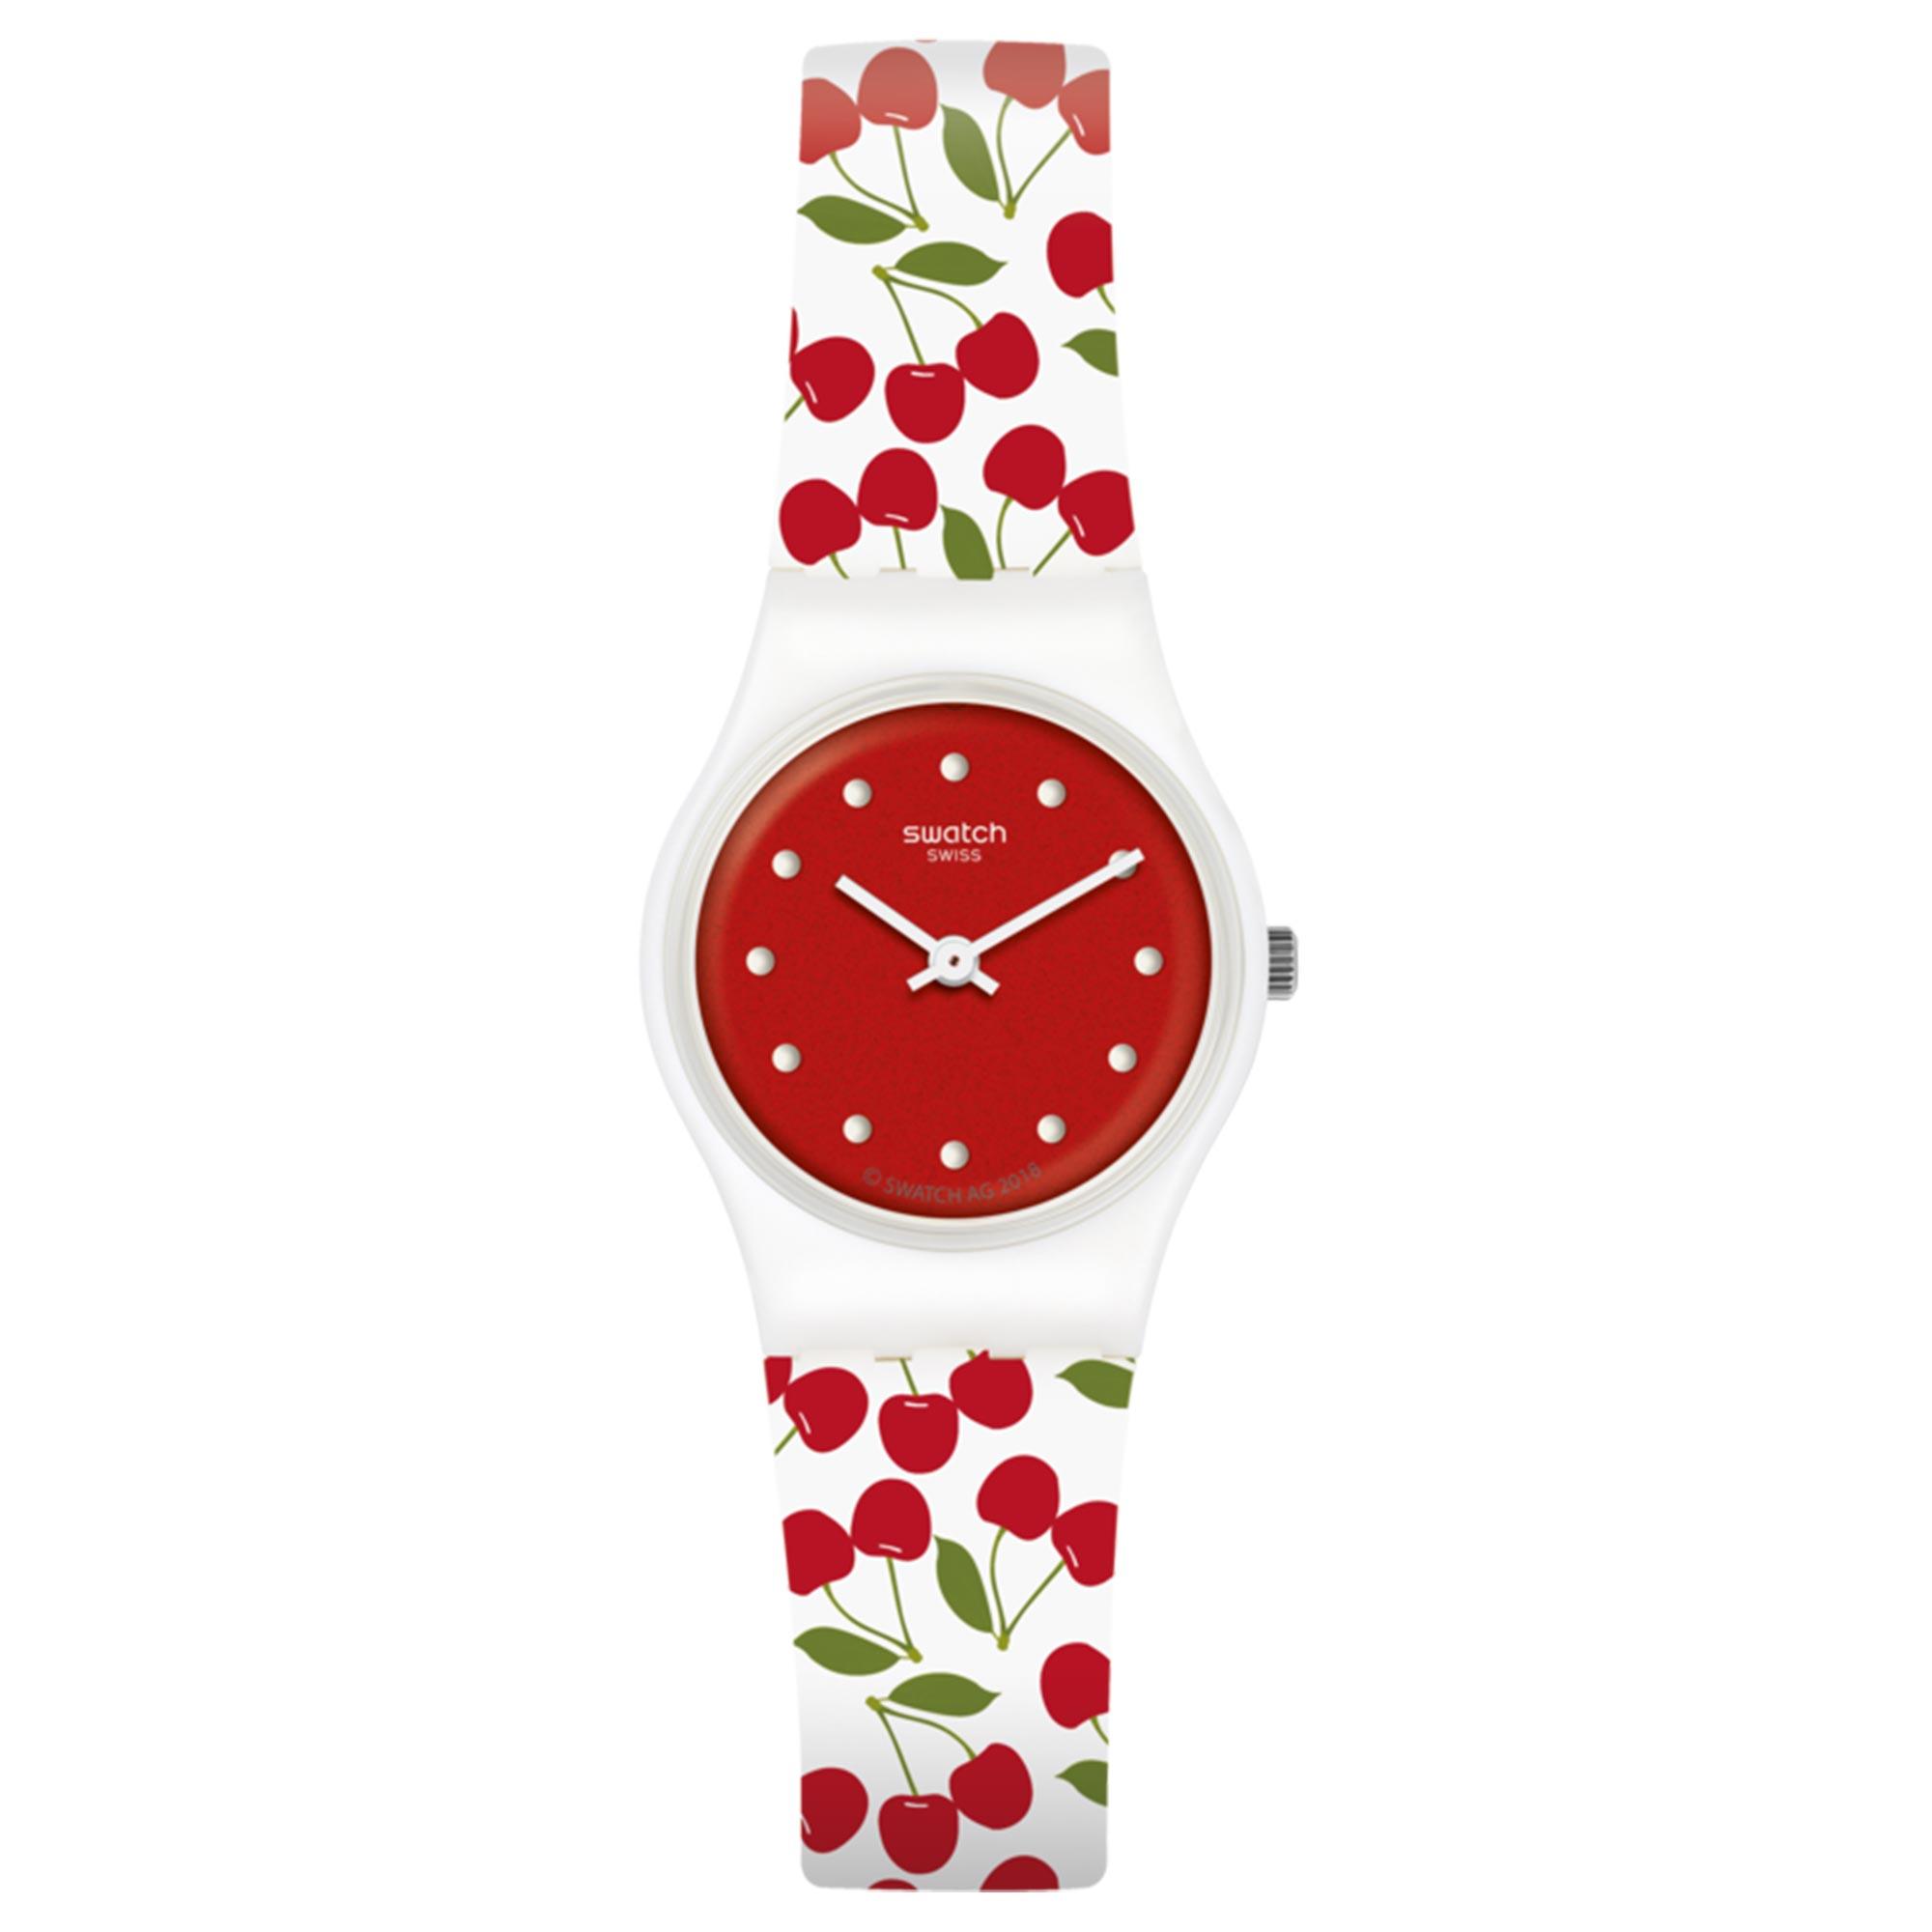 Swatch Cerise Moi Quartz Movement Red Dial Rubber Bracelet Women's Watch LW167